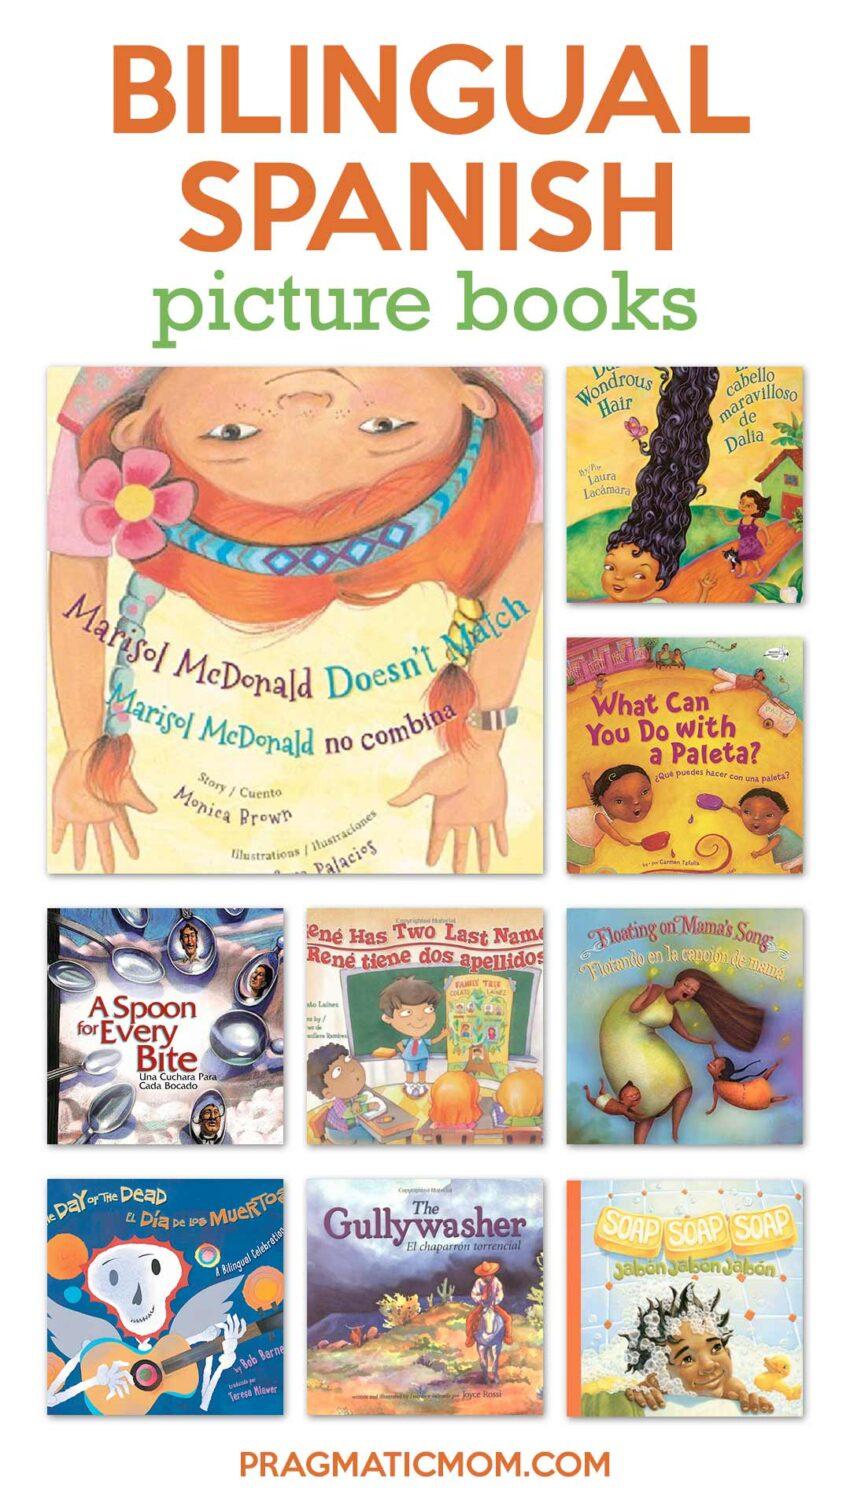 Bilingual Spanish Picture Books